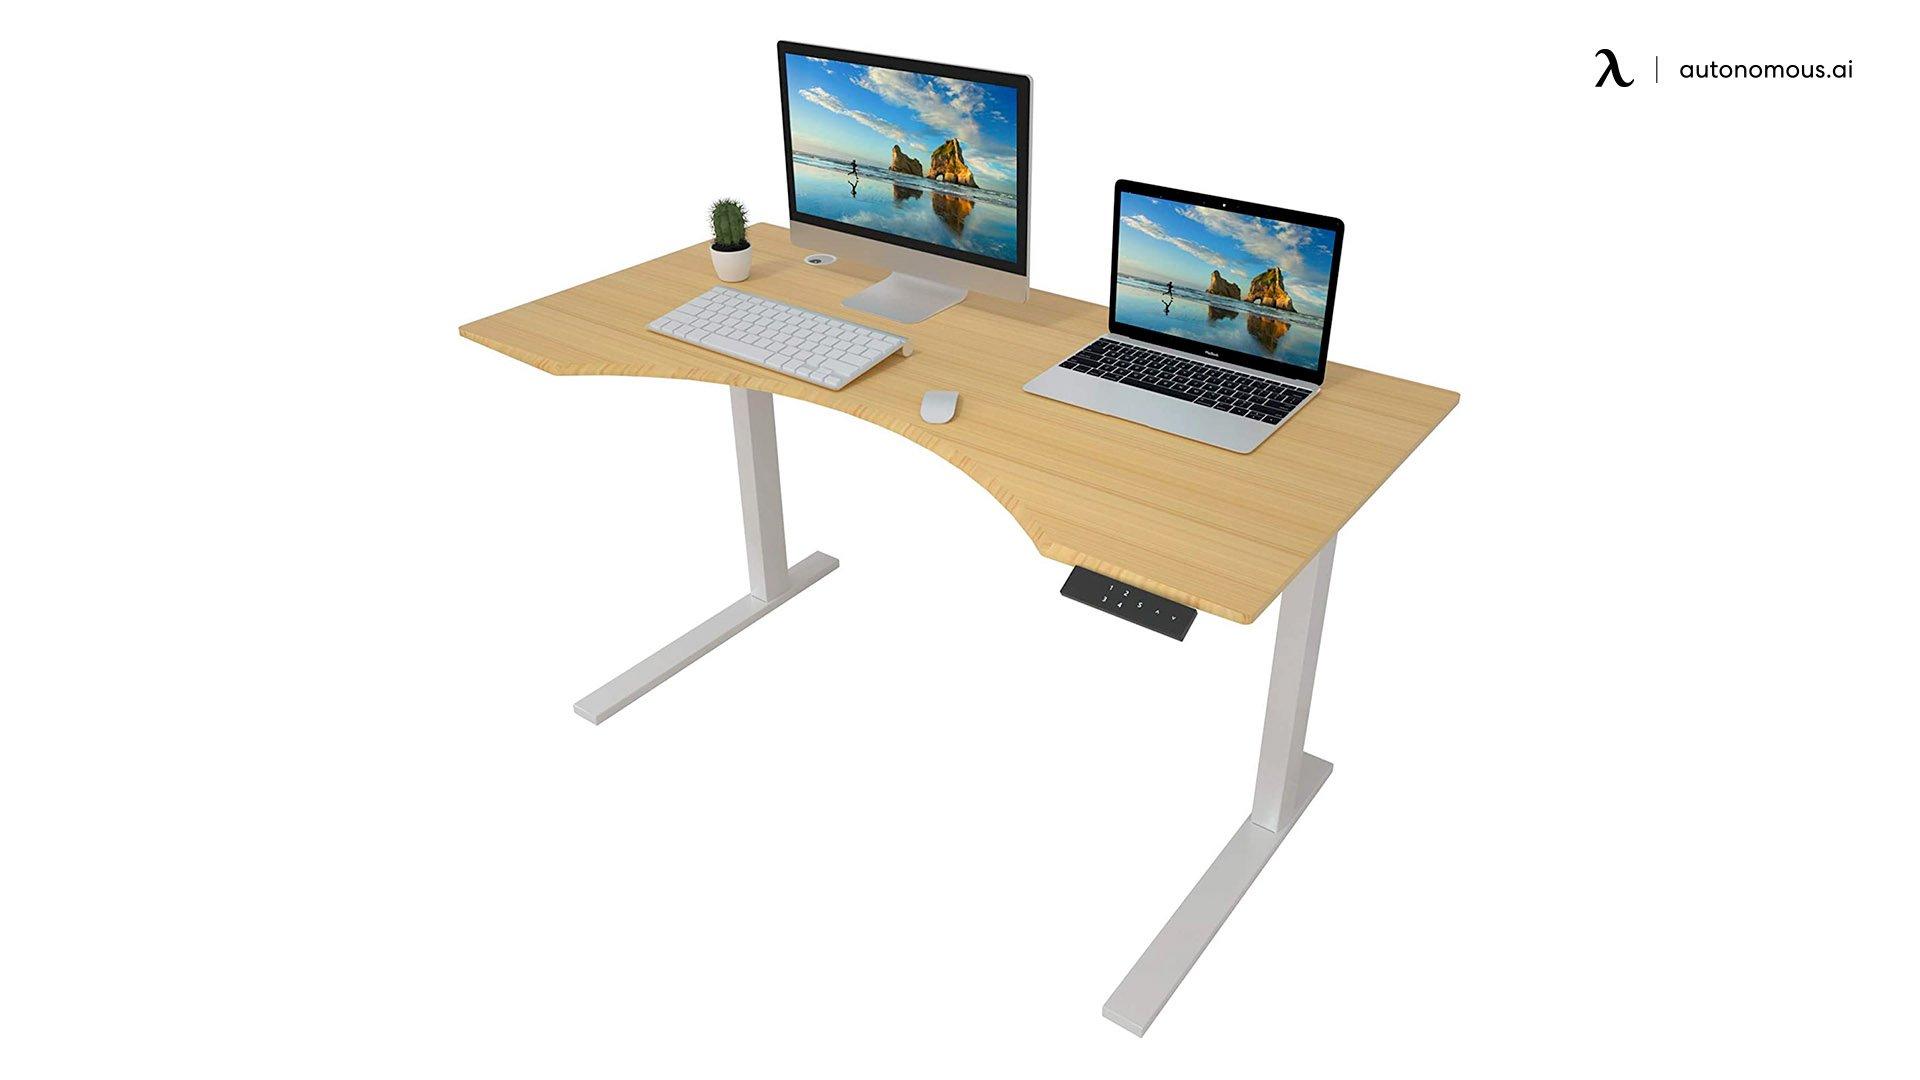 ZHU CHUANG Electric Standing Desk